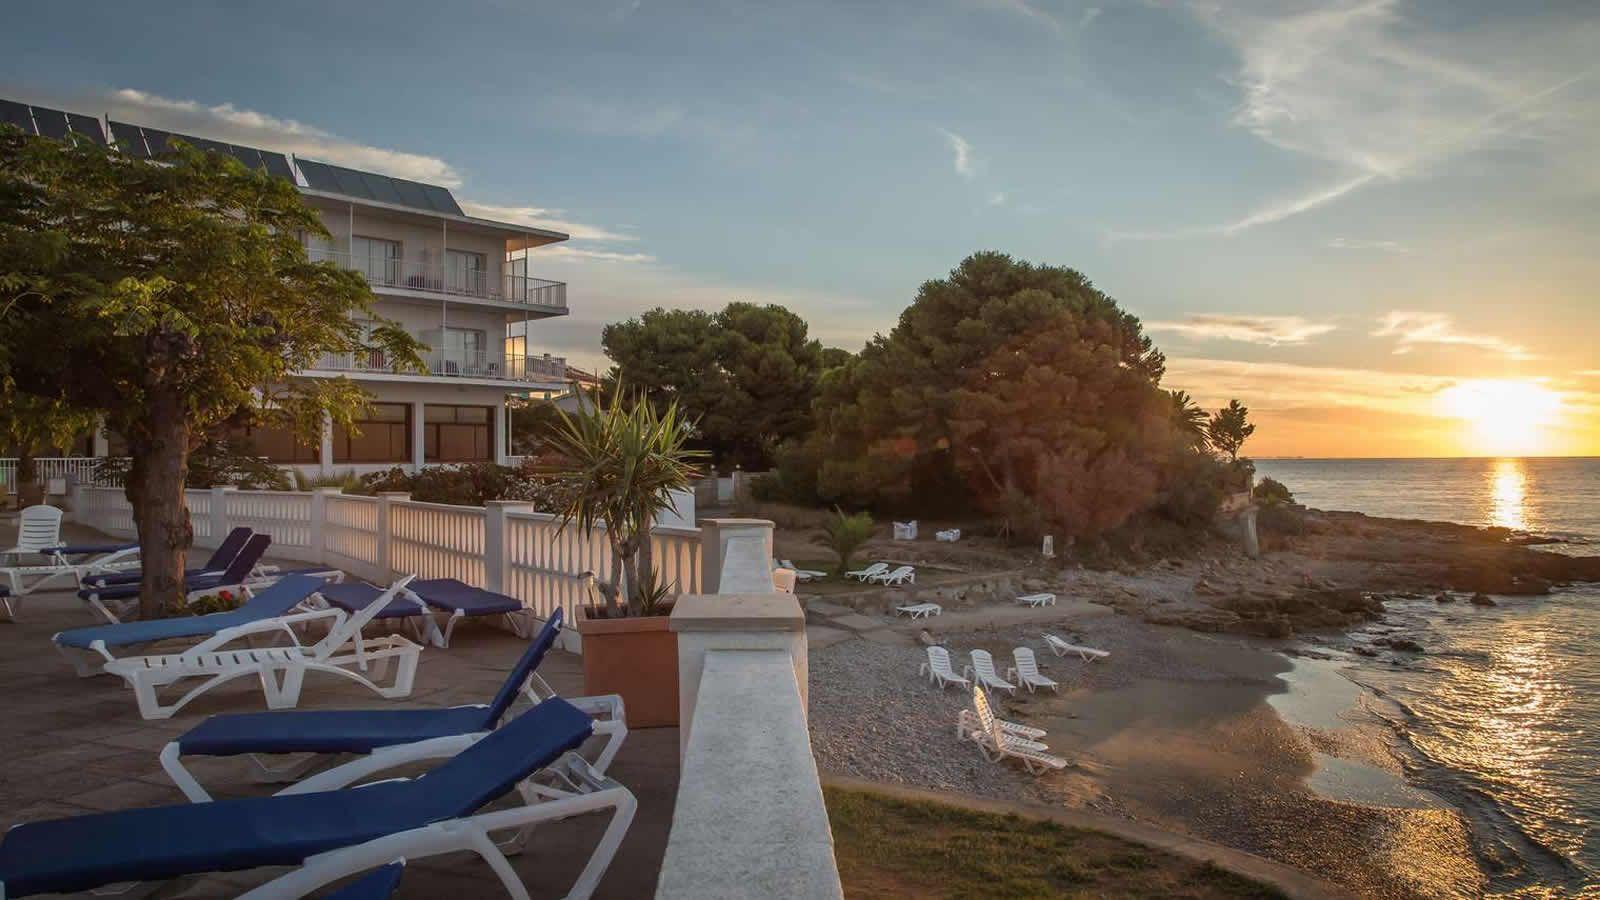 Actividades en el Hotel Carlos III  en Alcanar - San Carlos de la Rápita - Delta del Ebro